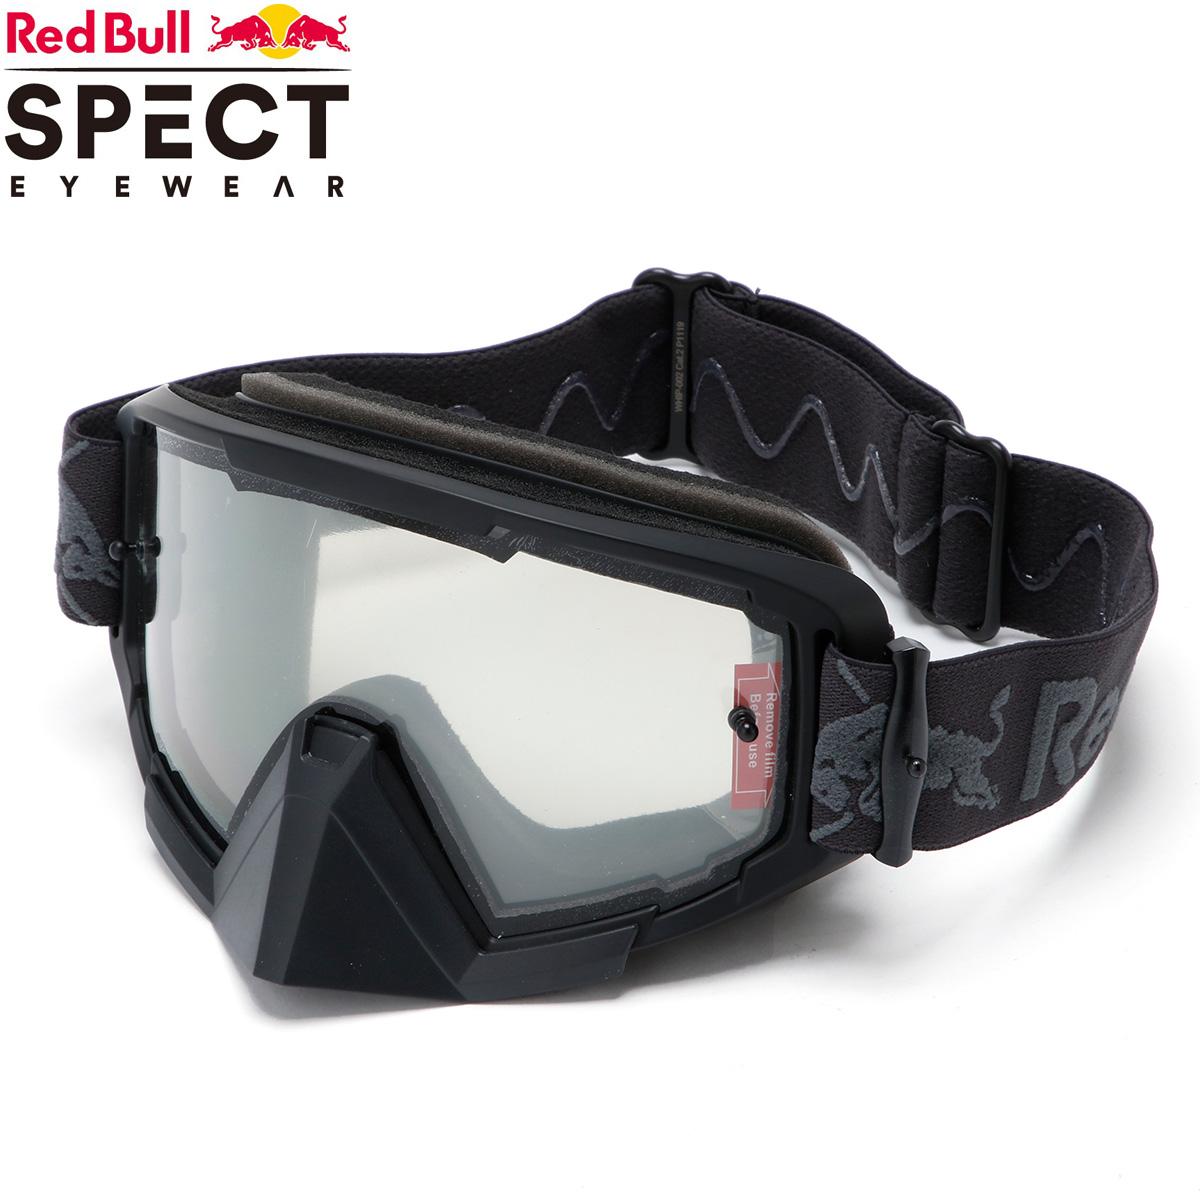 【レッドブル スペクト/Red Bull SPECT】WHIP-002 ゴーグル エナジードリンク スポーティー